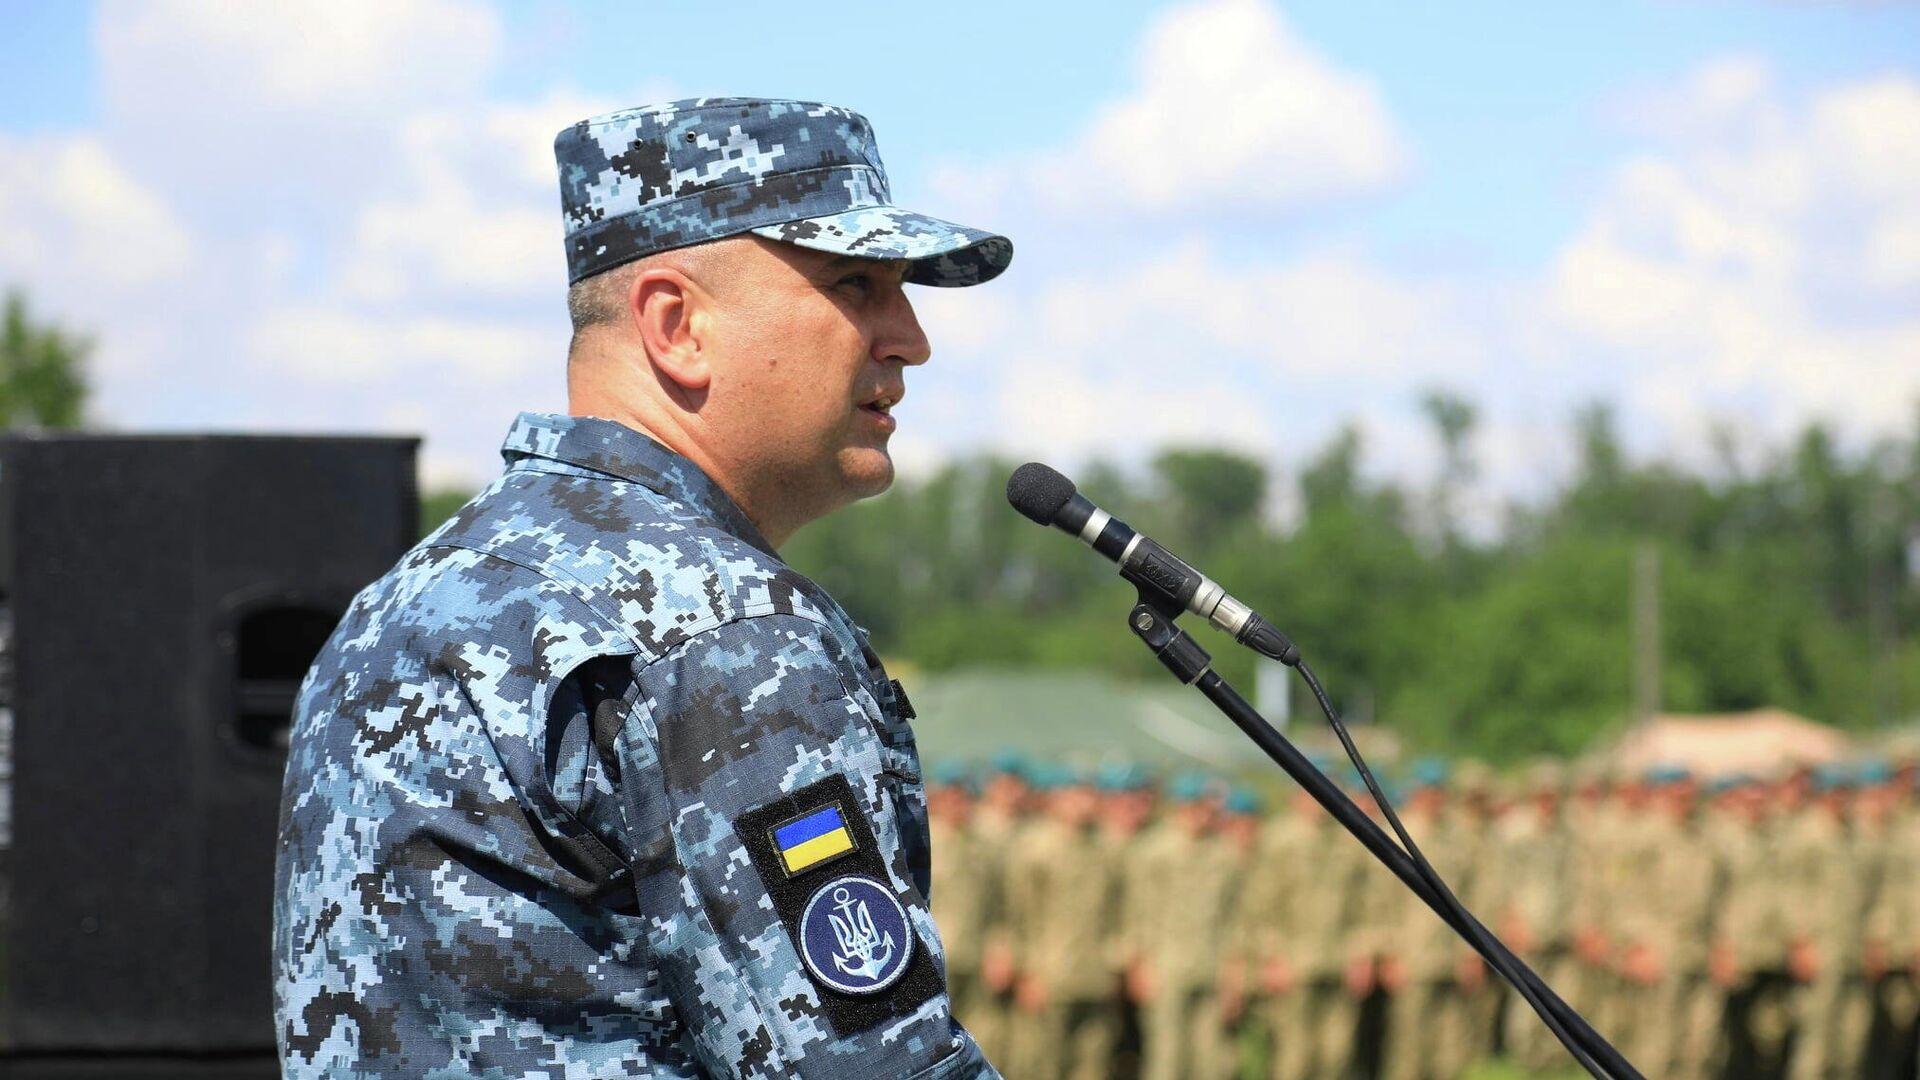 El contralmirante Oleksiy Neizhpapa, comandante de las Fuerzas Navales de Ucrania, habla durante la ceremonia de apertura del ejercicio marítimo multinacional Sea Breeze en Ucrania - Sputnik Mundo, 1920, 29.06.2021